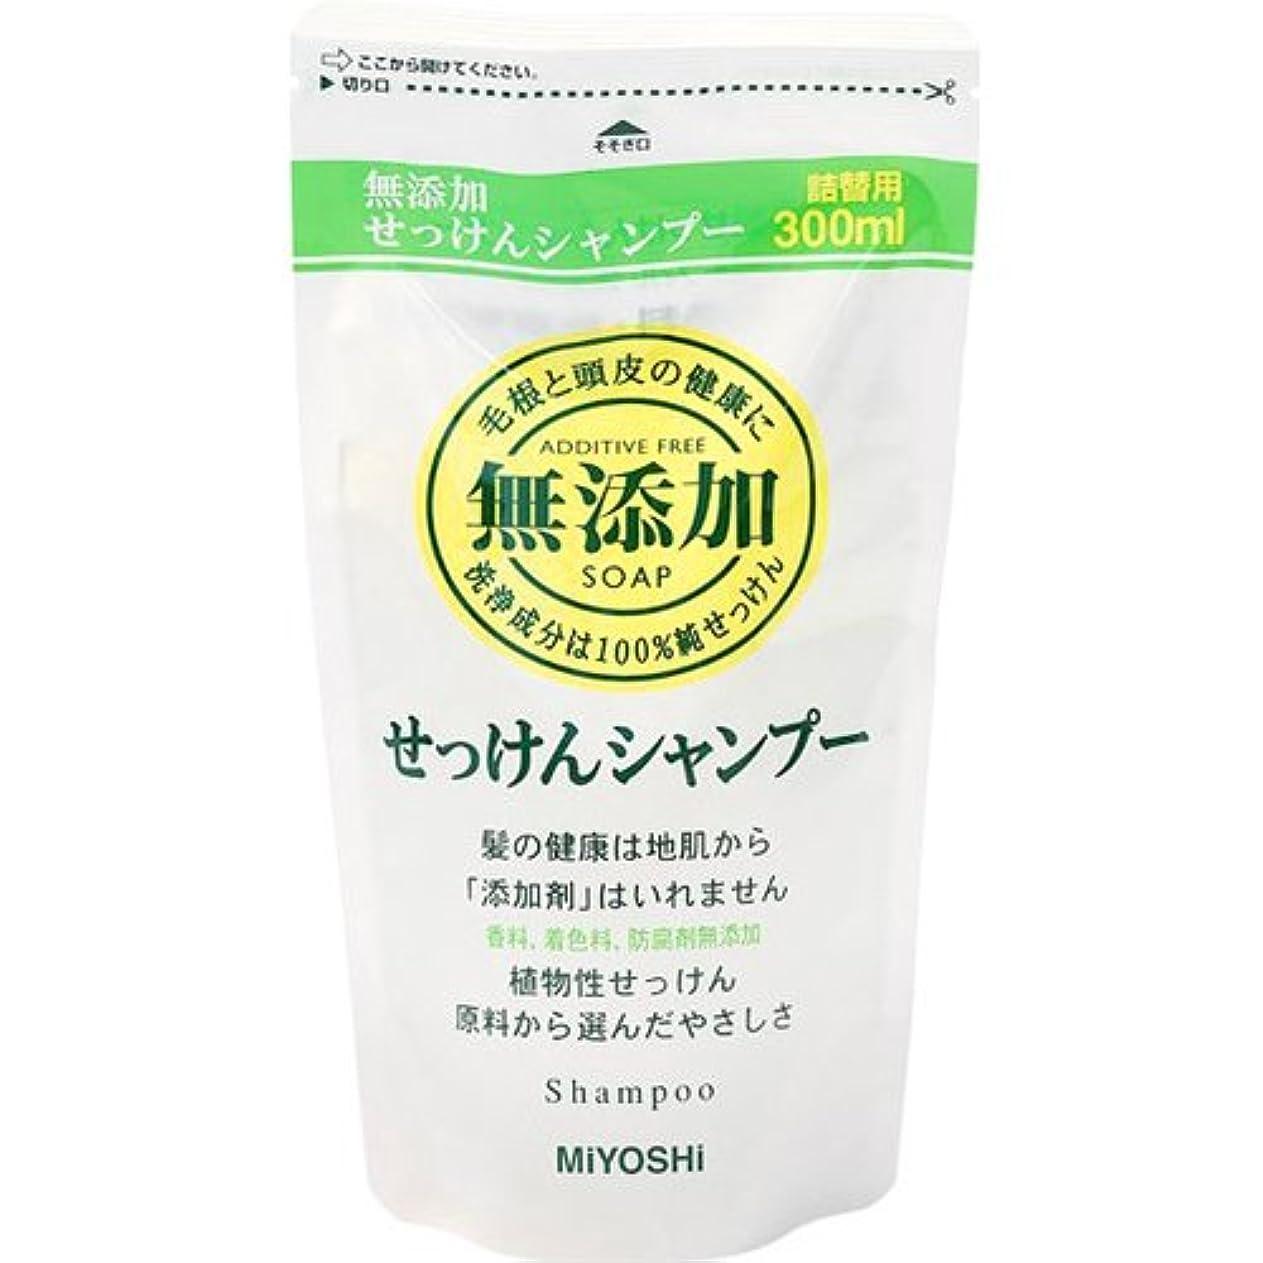 夏先史時代のお気に入りミヨシ 無添加 せっけん シャンプー つめかえ用 300ml  1ケース(20個入)